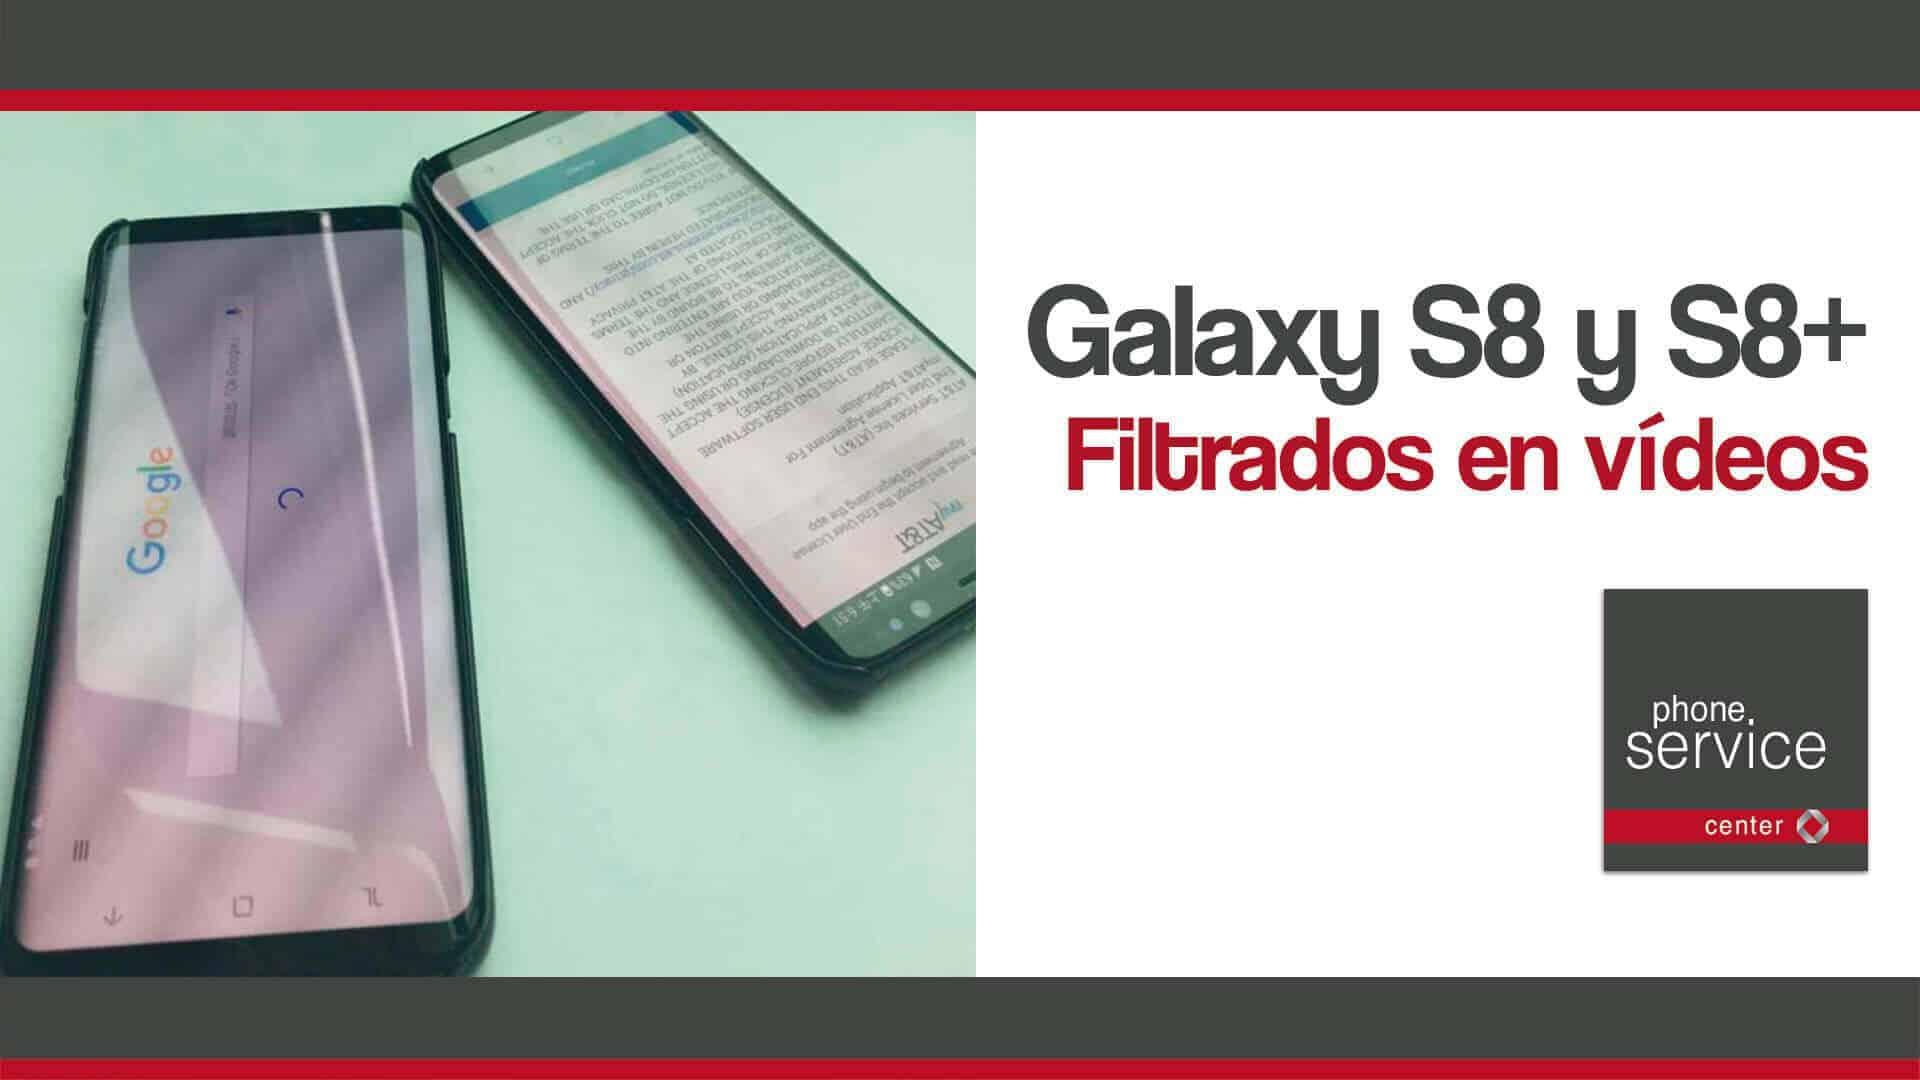 Galaxy S8 y S8+ filtrados en video